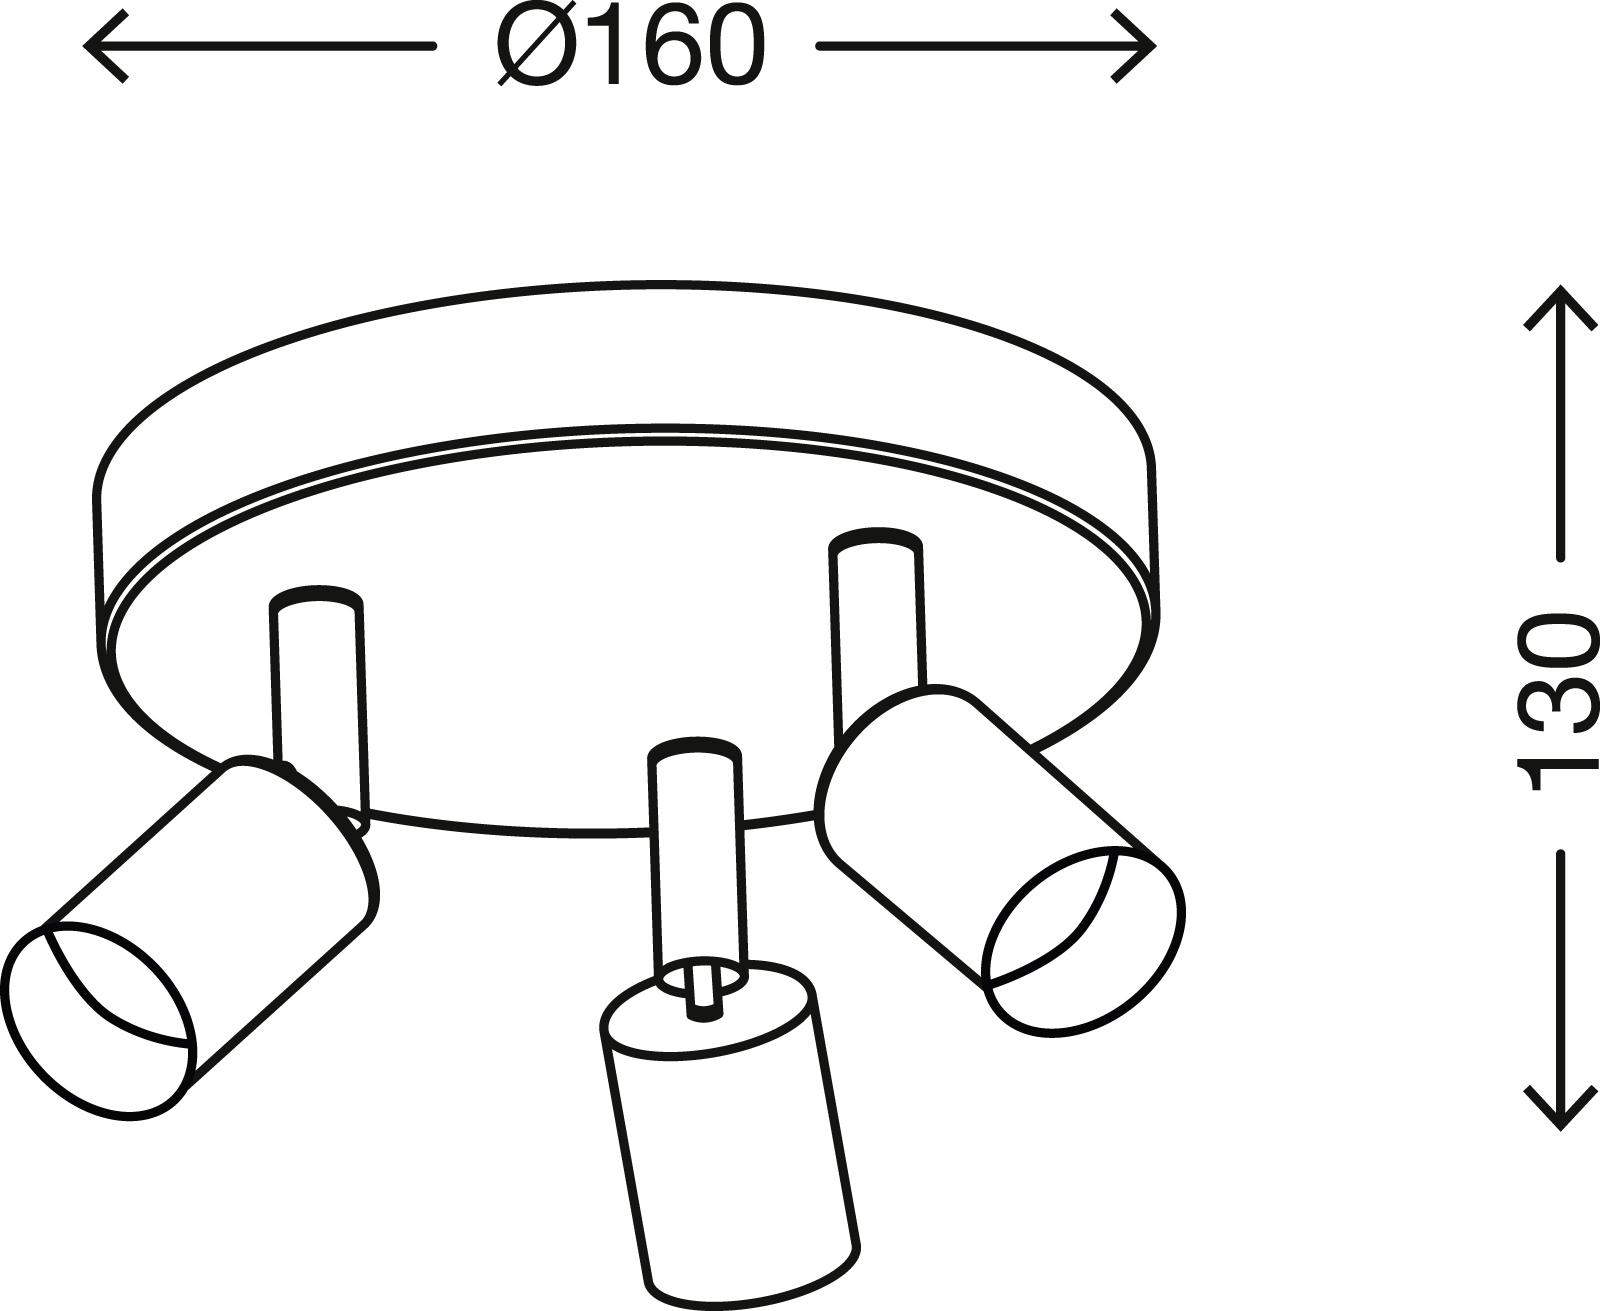 Spot Deckenleuchte, Ø 16 cm, max. 35 W, Matt-Nickel